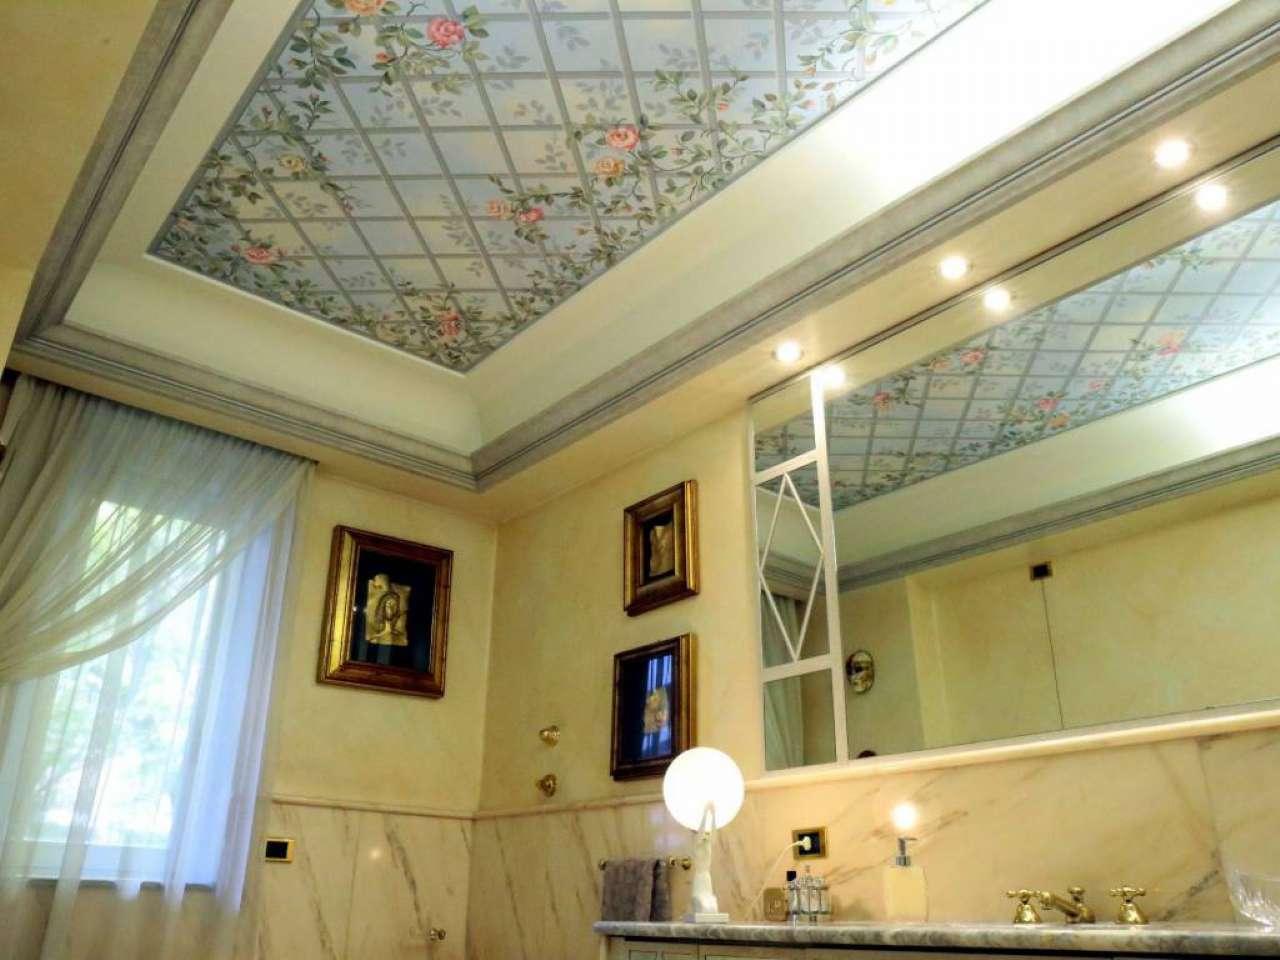 Quadrilocale In Vendita A Milano Zona 18 St Garibaldi Isola Maciachini Stelvio Monumentale